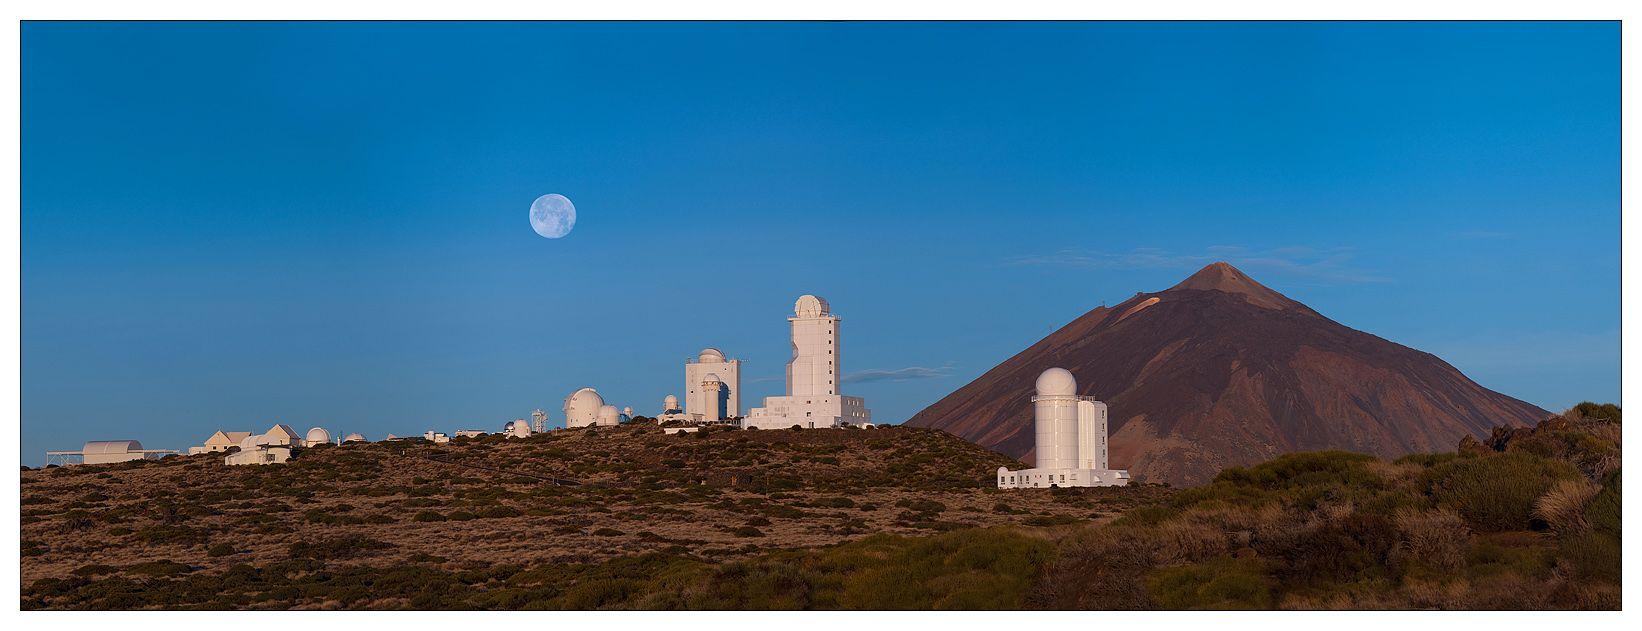 Сегодня Обсерватория Тейде на Тенерифе и Обсерватория Роке де лос Мучачос (Observatorio del Roque de los Muchachos) на Ла Пальме принадлежат Институту астрофизики Канарских островов (Instituto de Astrofísica de Canarias), штаб-квартира которого находится в городе Ла Лагуна (La Laguna) на Тенерифе, и входят в состав Европейской Северной обсерватории (European Northern Observatory). Эти две обсерватории представляют собой главные центры астрофизических наблюдений в Европе. Здесь работают представители более 60 различных организаций и научных учреждений из 19 стран мира. Их оборудование, установленное на территории обсерваторий, считается уникальным в мире и вызывает интерес крупнейших ученых в области астрофизики со всего мира. Обсерватория Тейде расположена на высоте 2390 м на склоне вулкана на территории 50 га. Исследователи проводят здесь наблюдения за Солнцем и другими небесными телами. Обсерватория Тейде оборудована целым рядом современных ночных и солнечных телескопов.